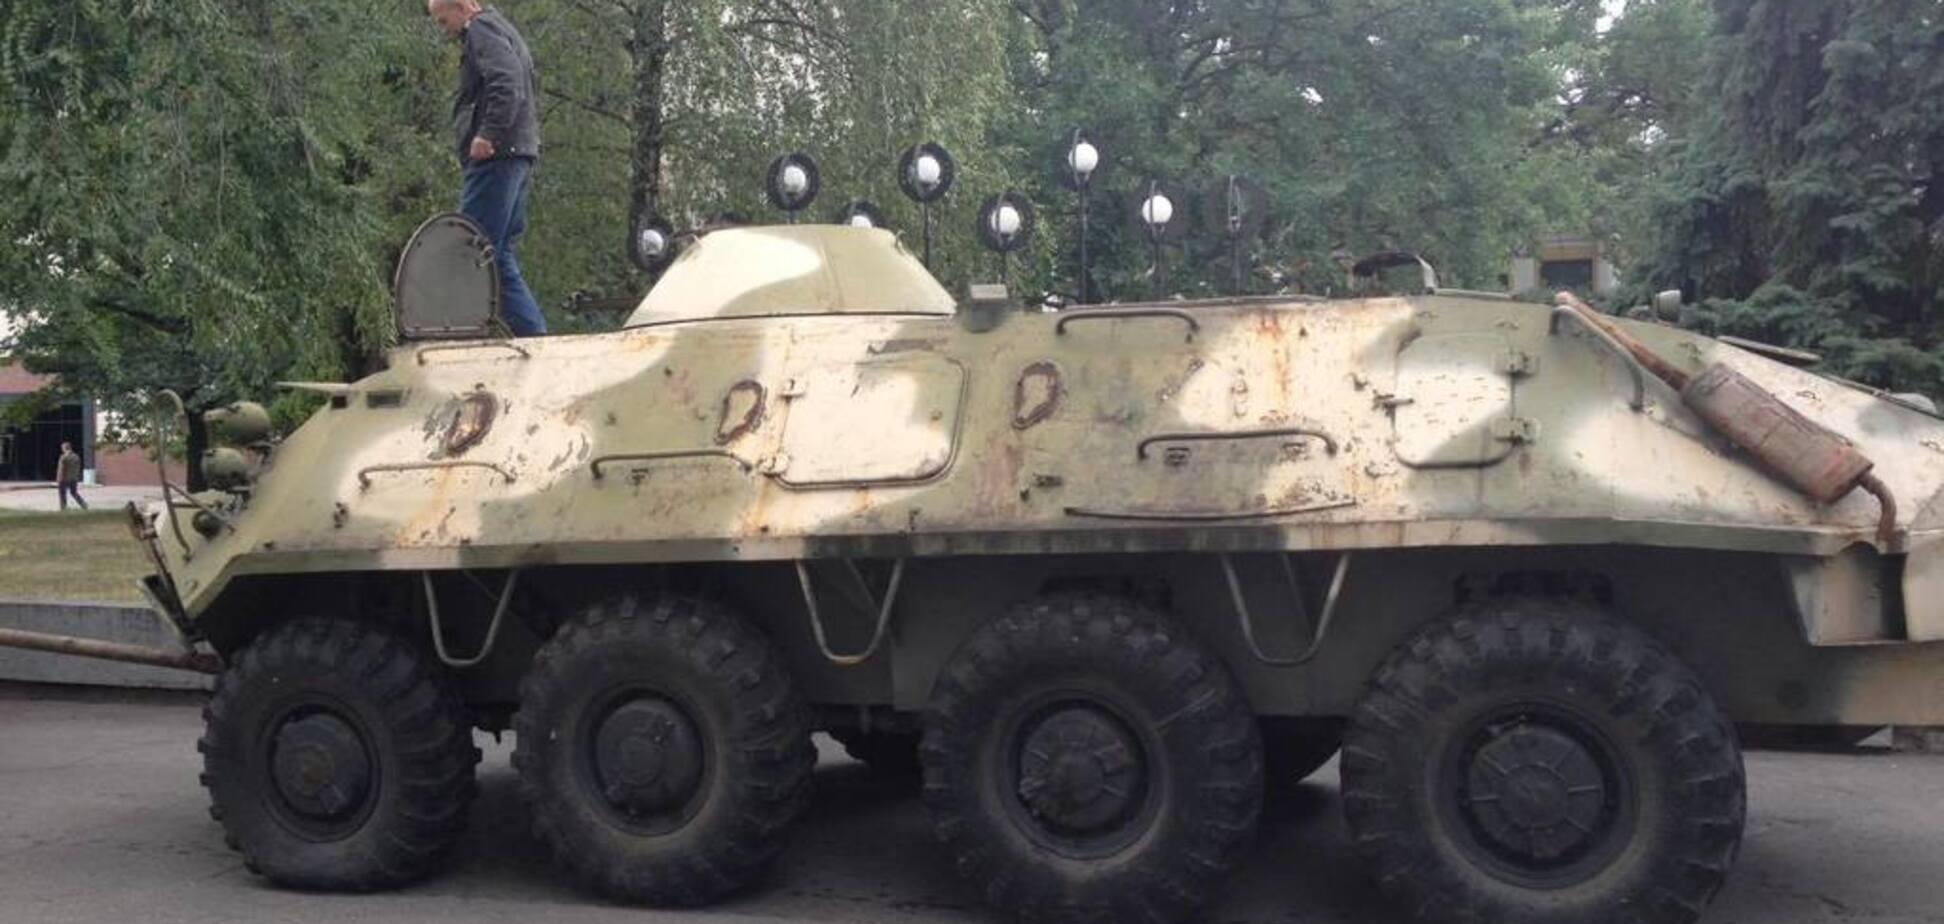 У российских офицеров нет чести - ветеран АТО